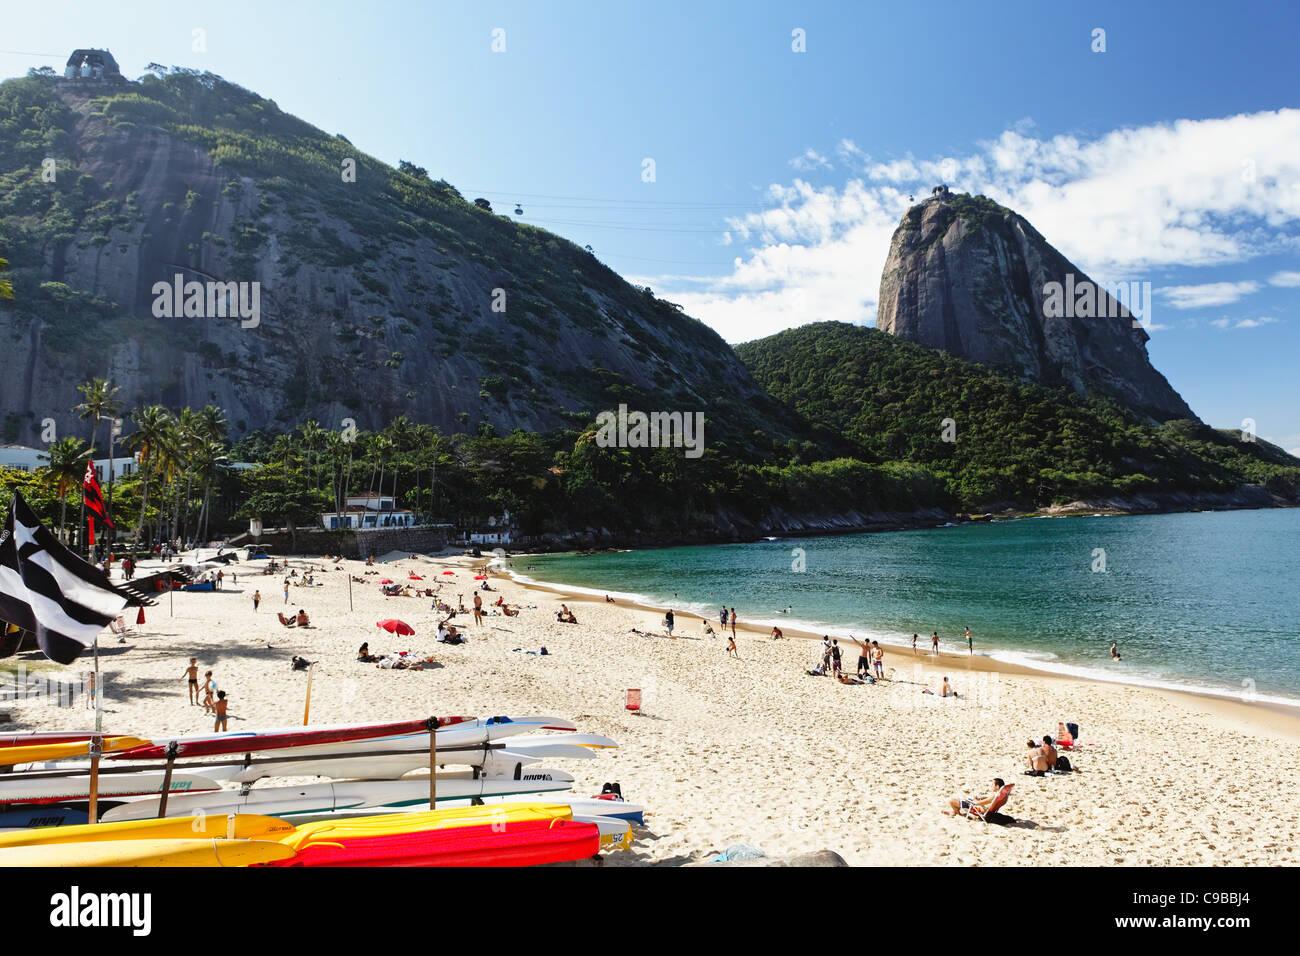 View of Sugarloaf Mountain from Vermelha Beach, Rio de Janeiro, Brazil - Stock Image